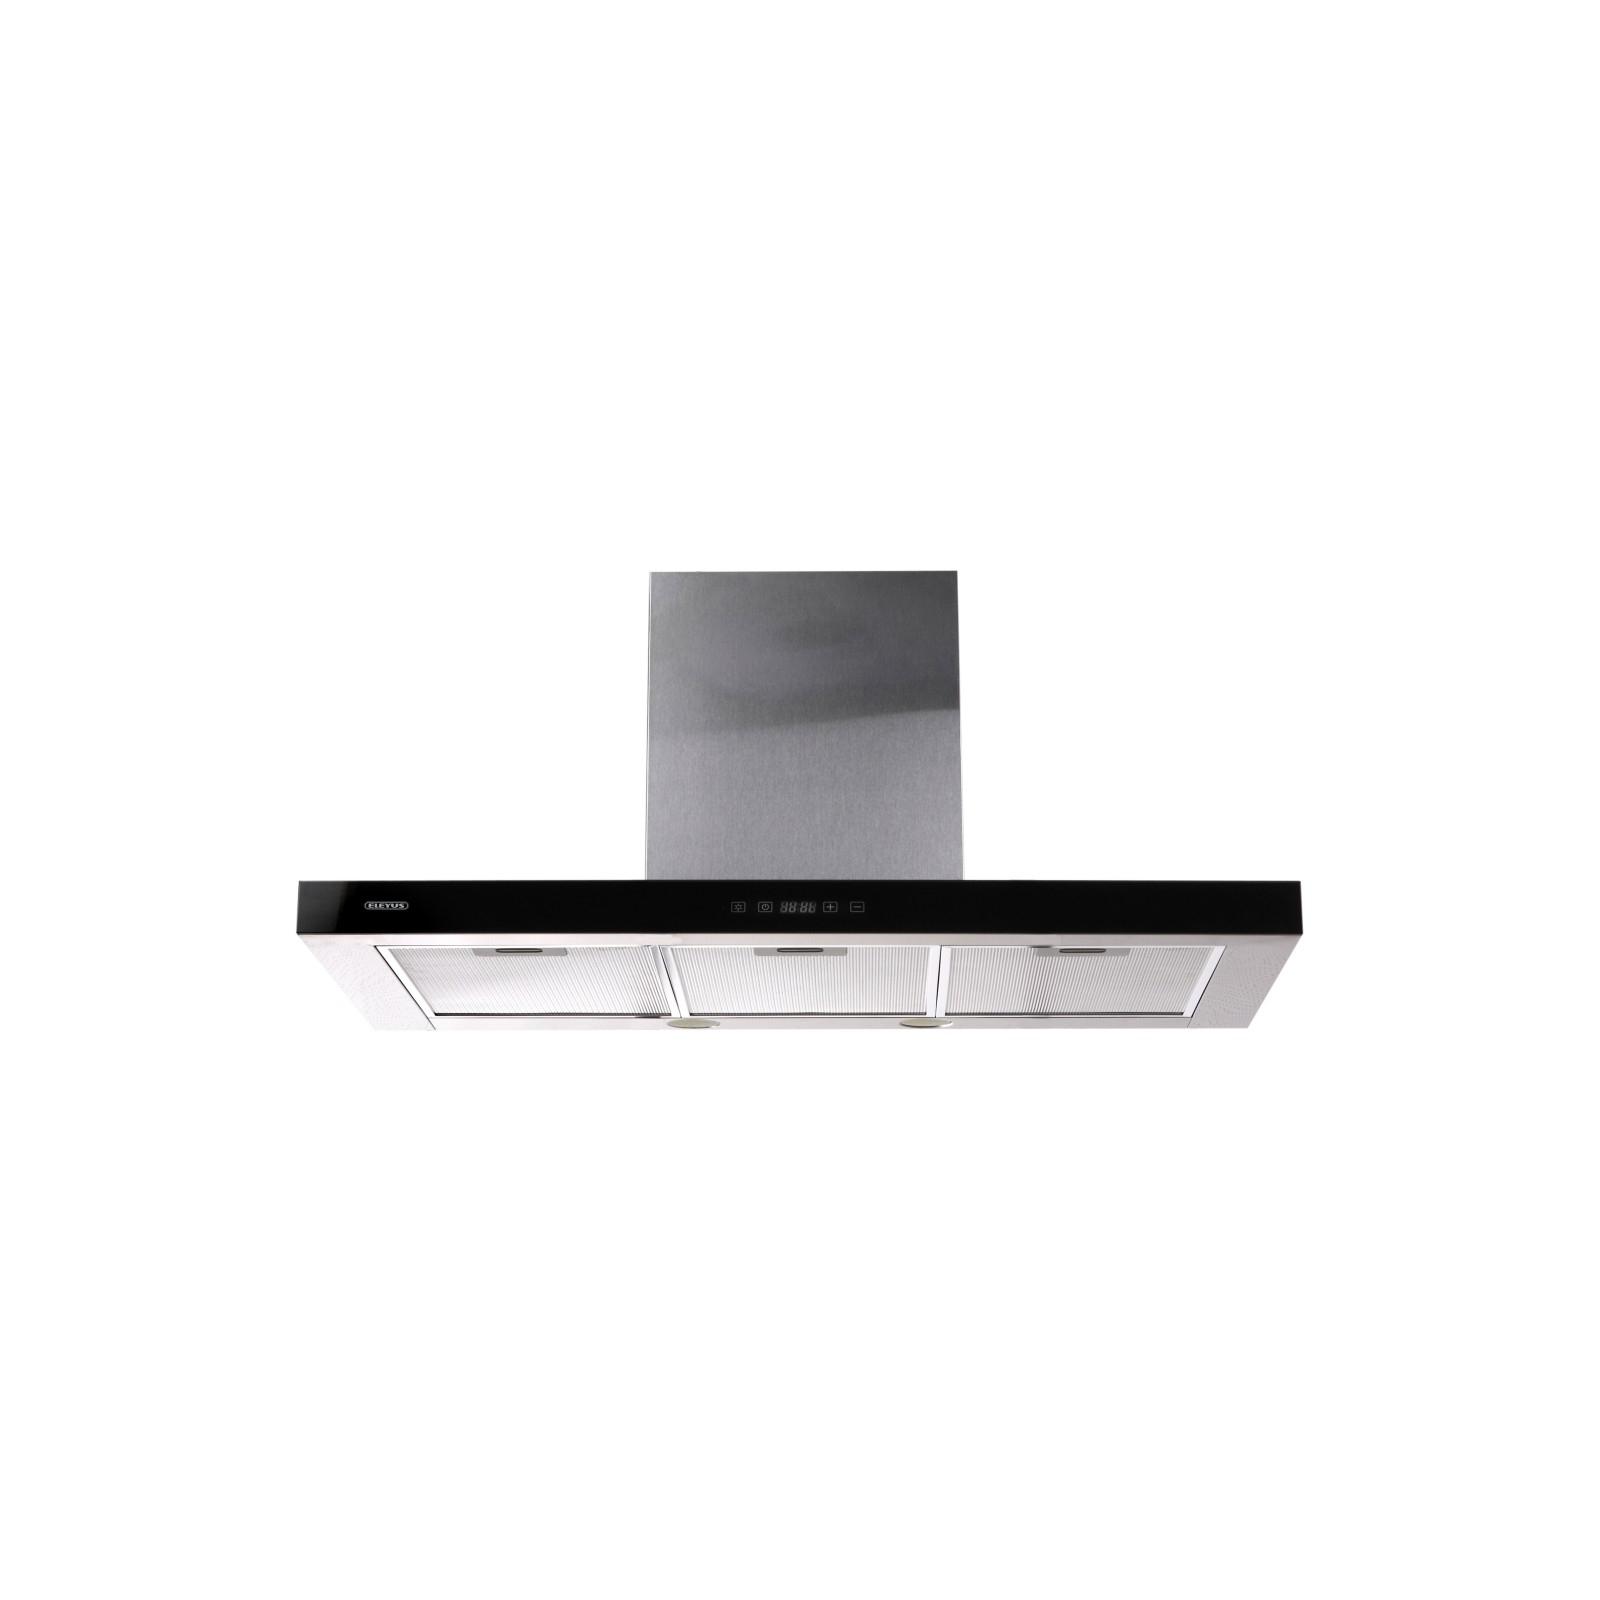 Вытяжка кухонная Eleyus Stels 1200 LED SMD 90 IS+BL (Stels1200LEDSMD90IS+BL) изображение 2